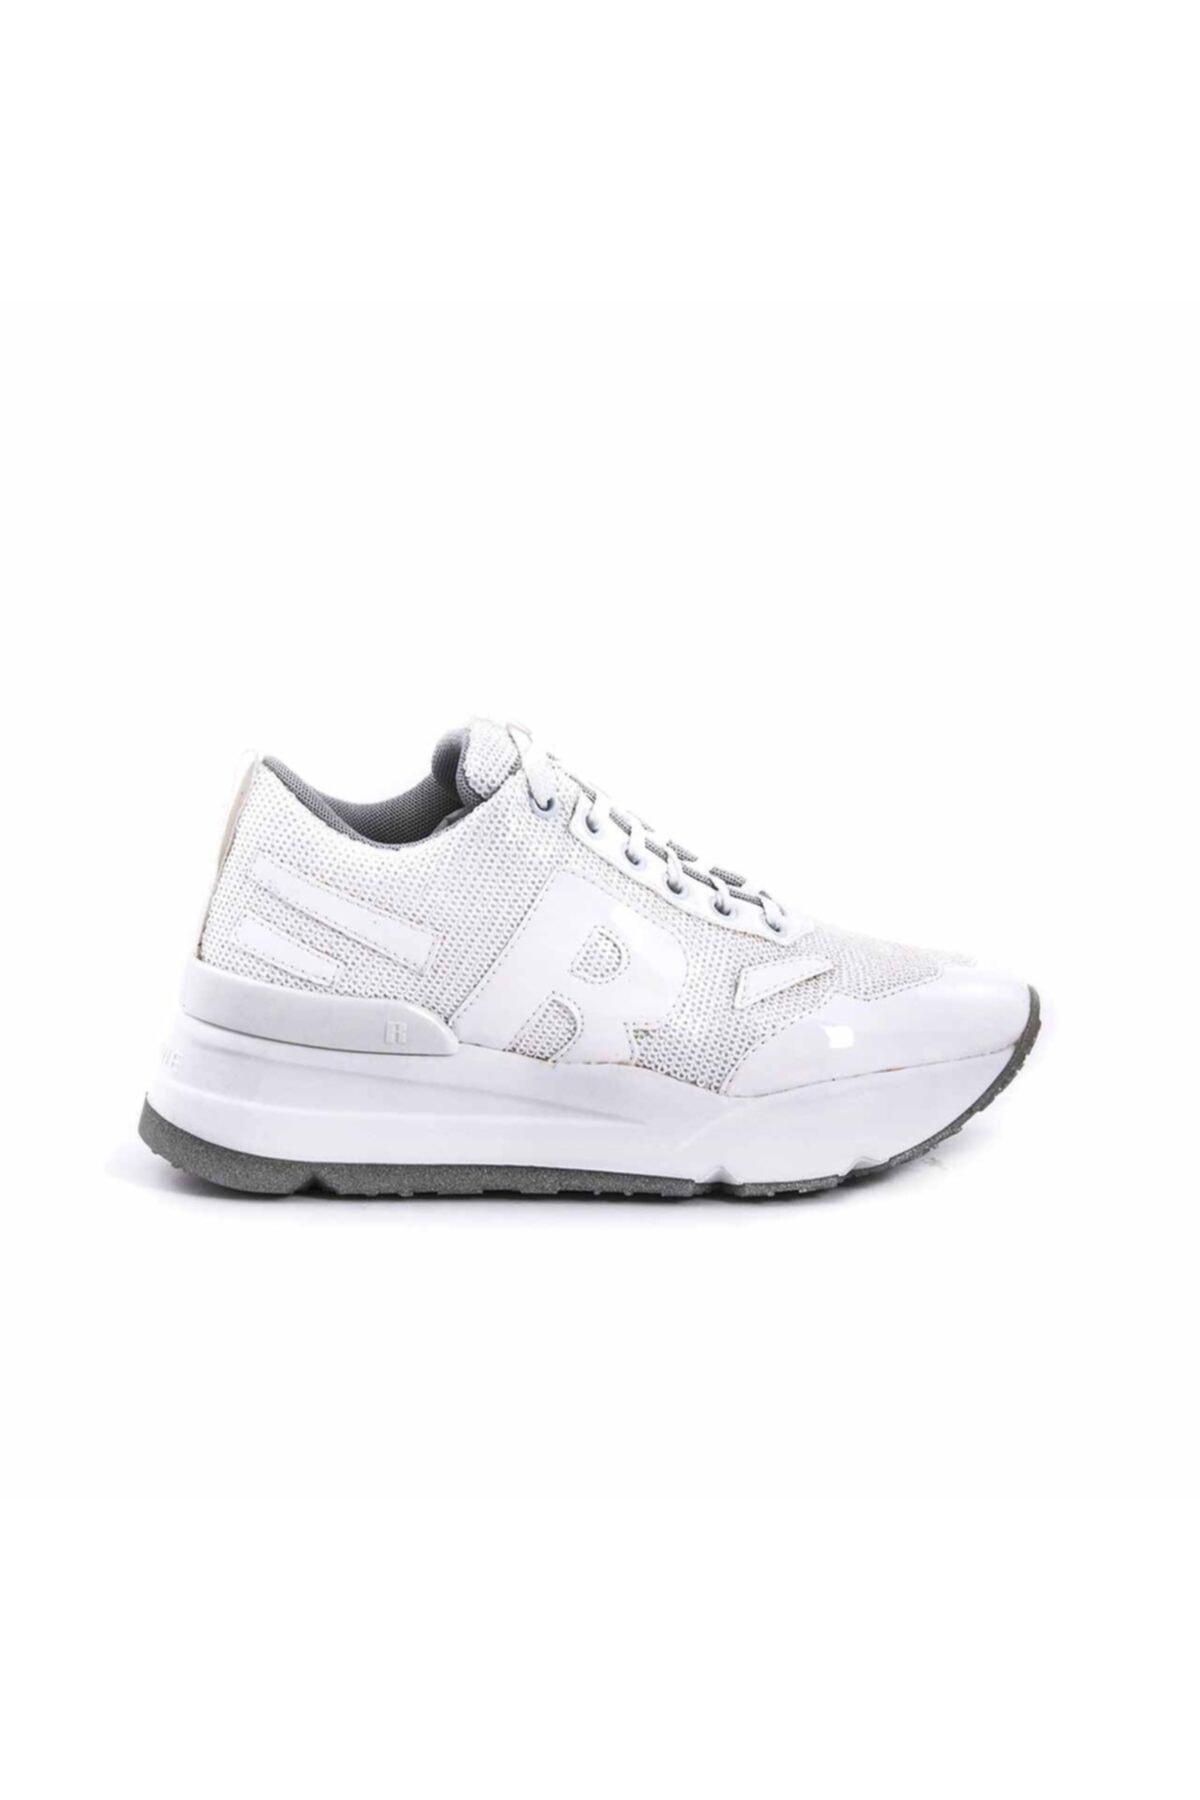 RUCO LİNE Bağcıklı Kadın Spor & Sneaker 4000 1